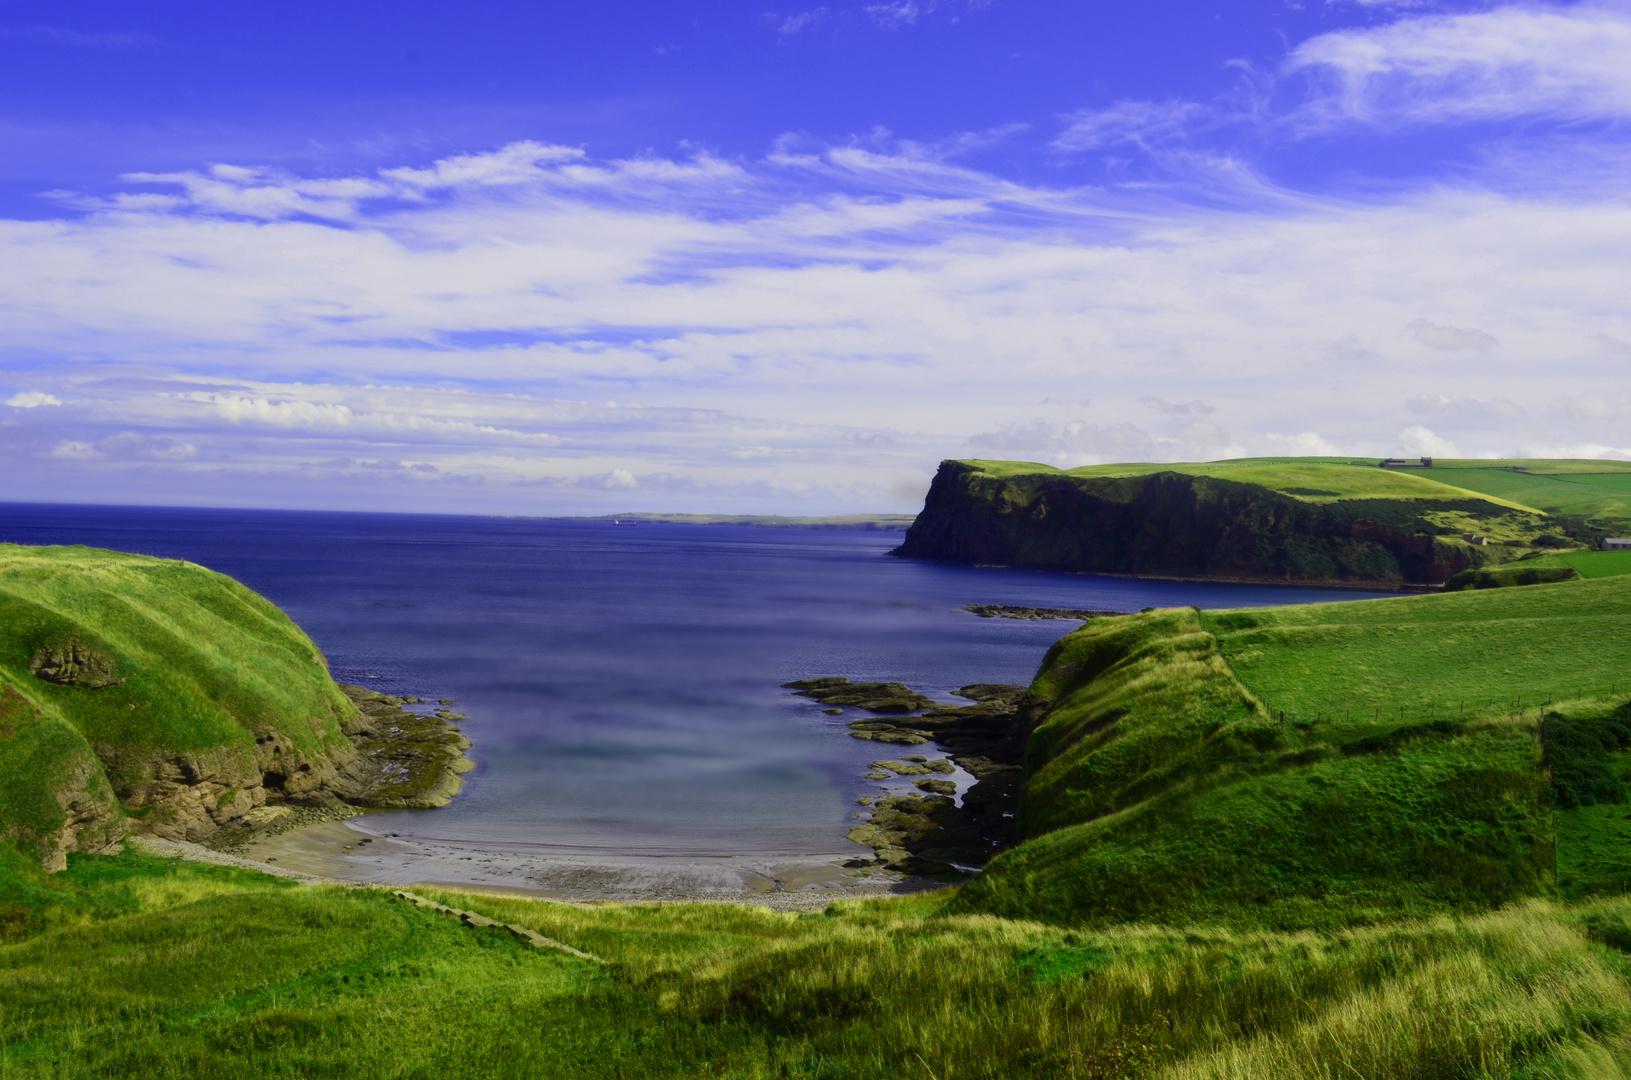 Schottland - so grenzenlos schön